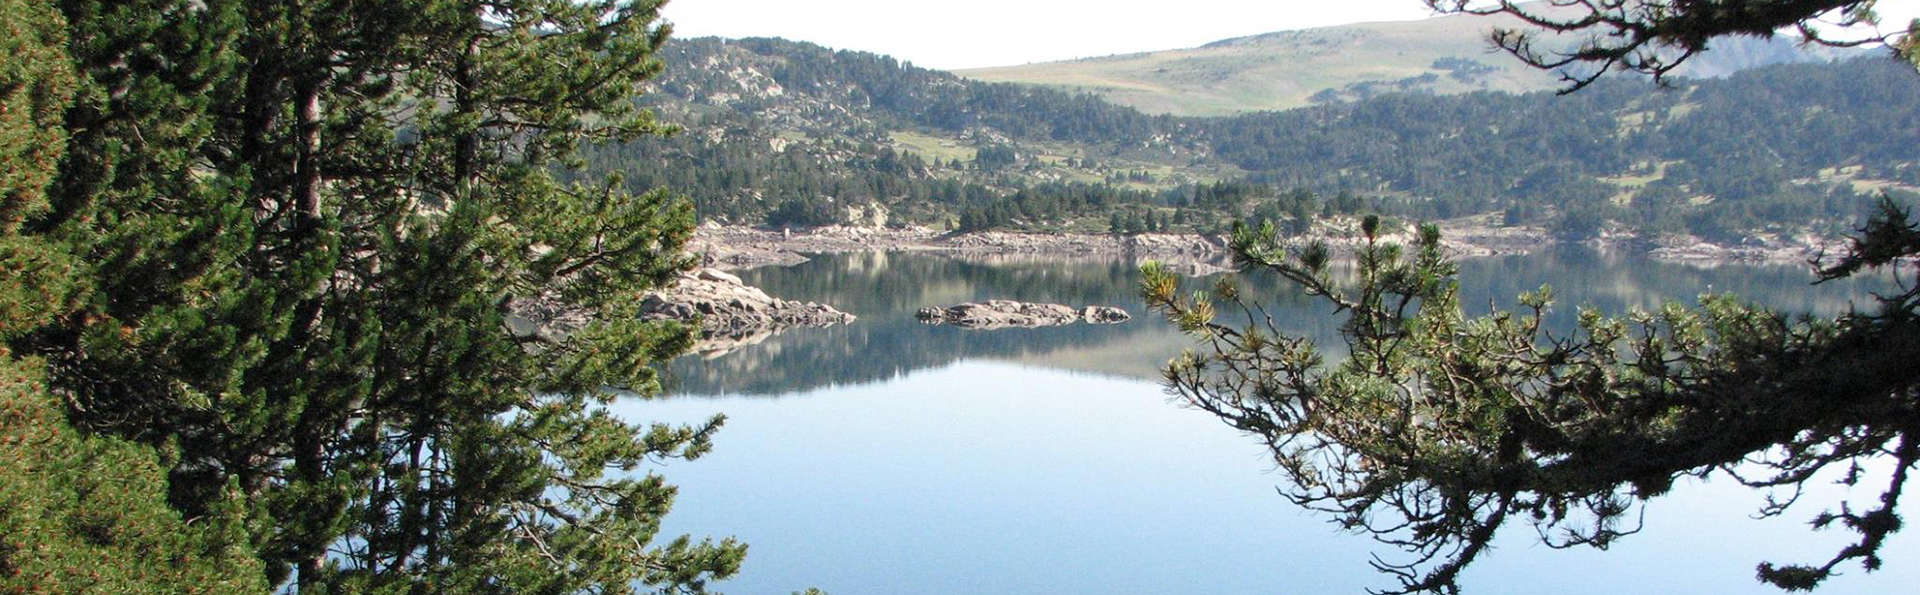 Séjour au coeur des Pyrénées Catalanes, avec accès balnéo (à partir de 2 nuits)